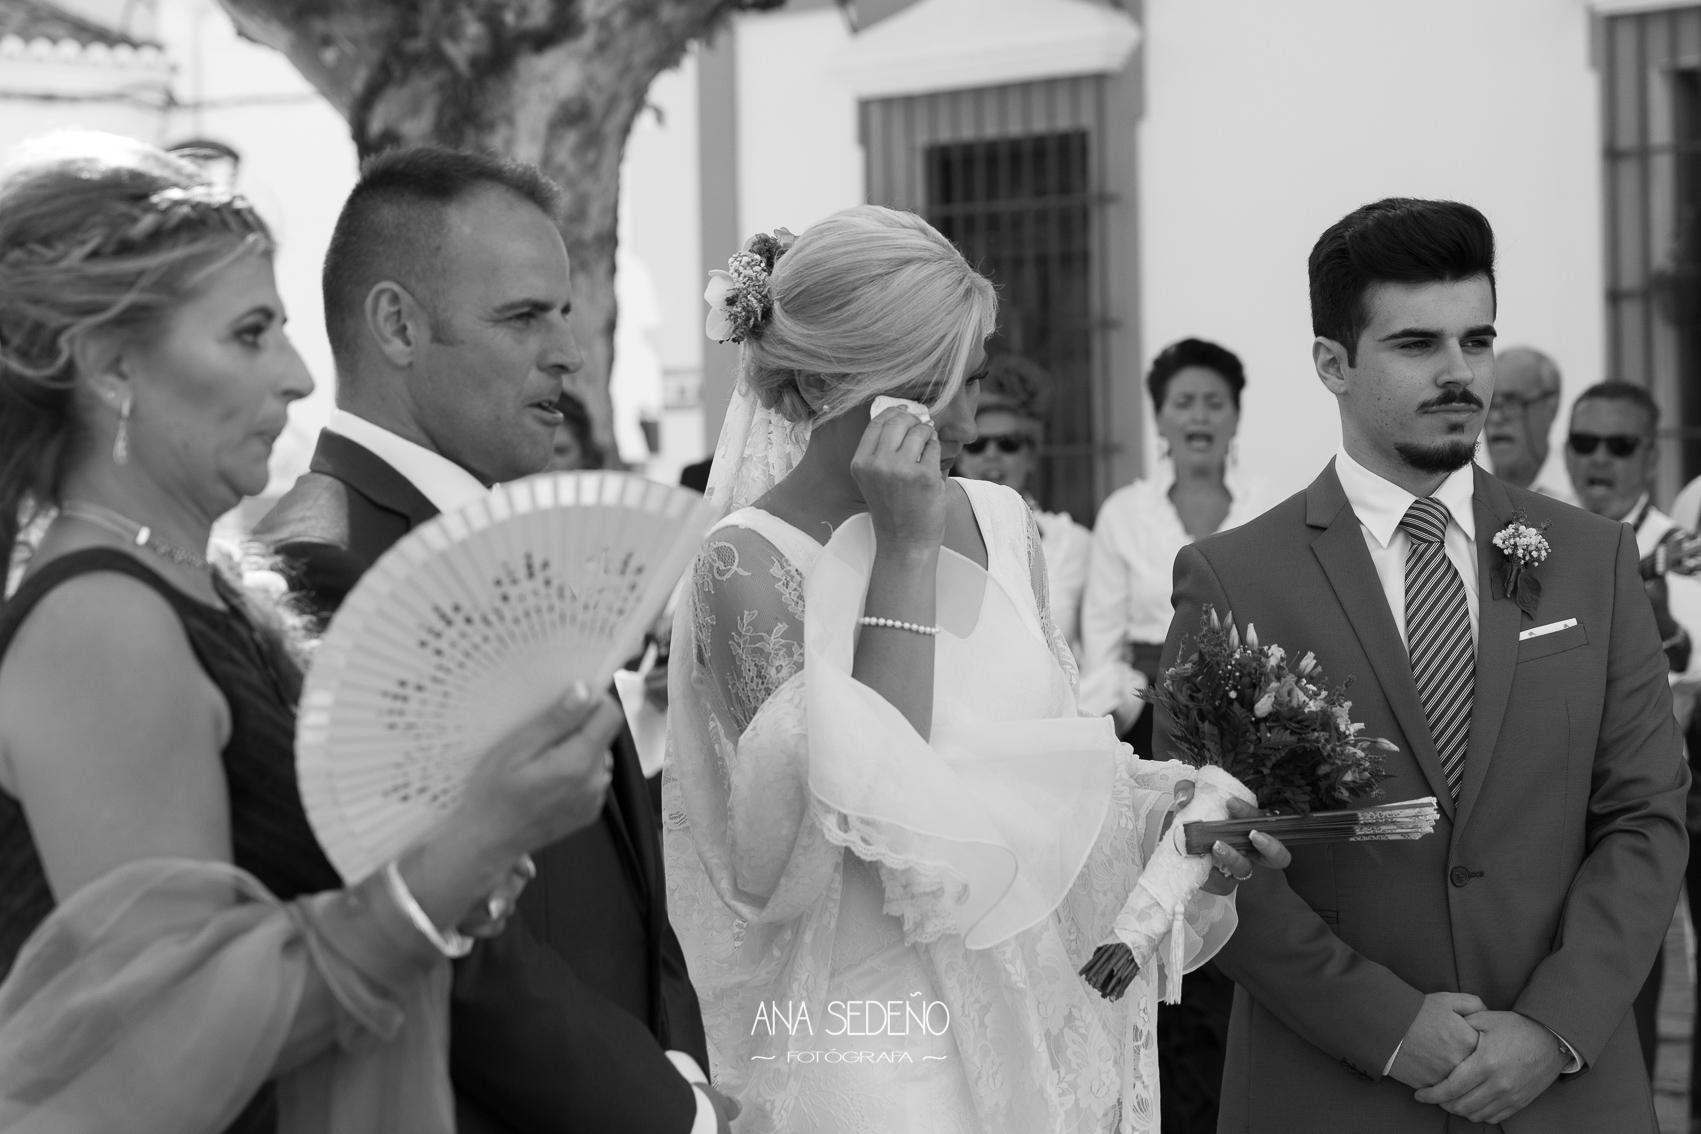 Ana Sedeño Fotografa.-BJ&R-0381